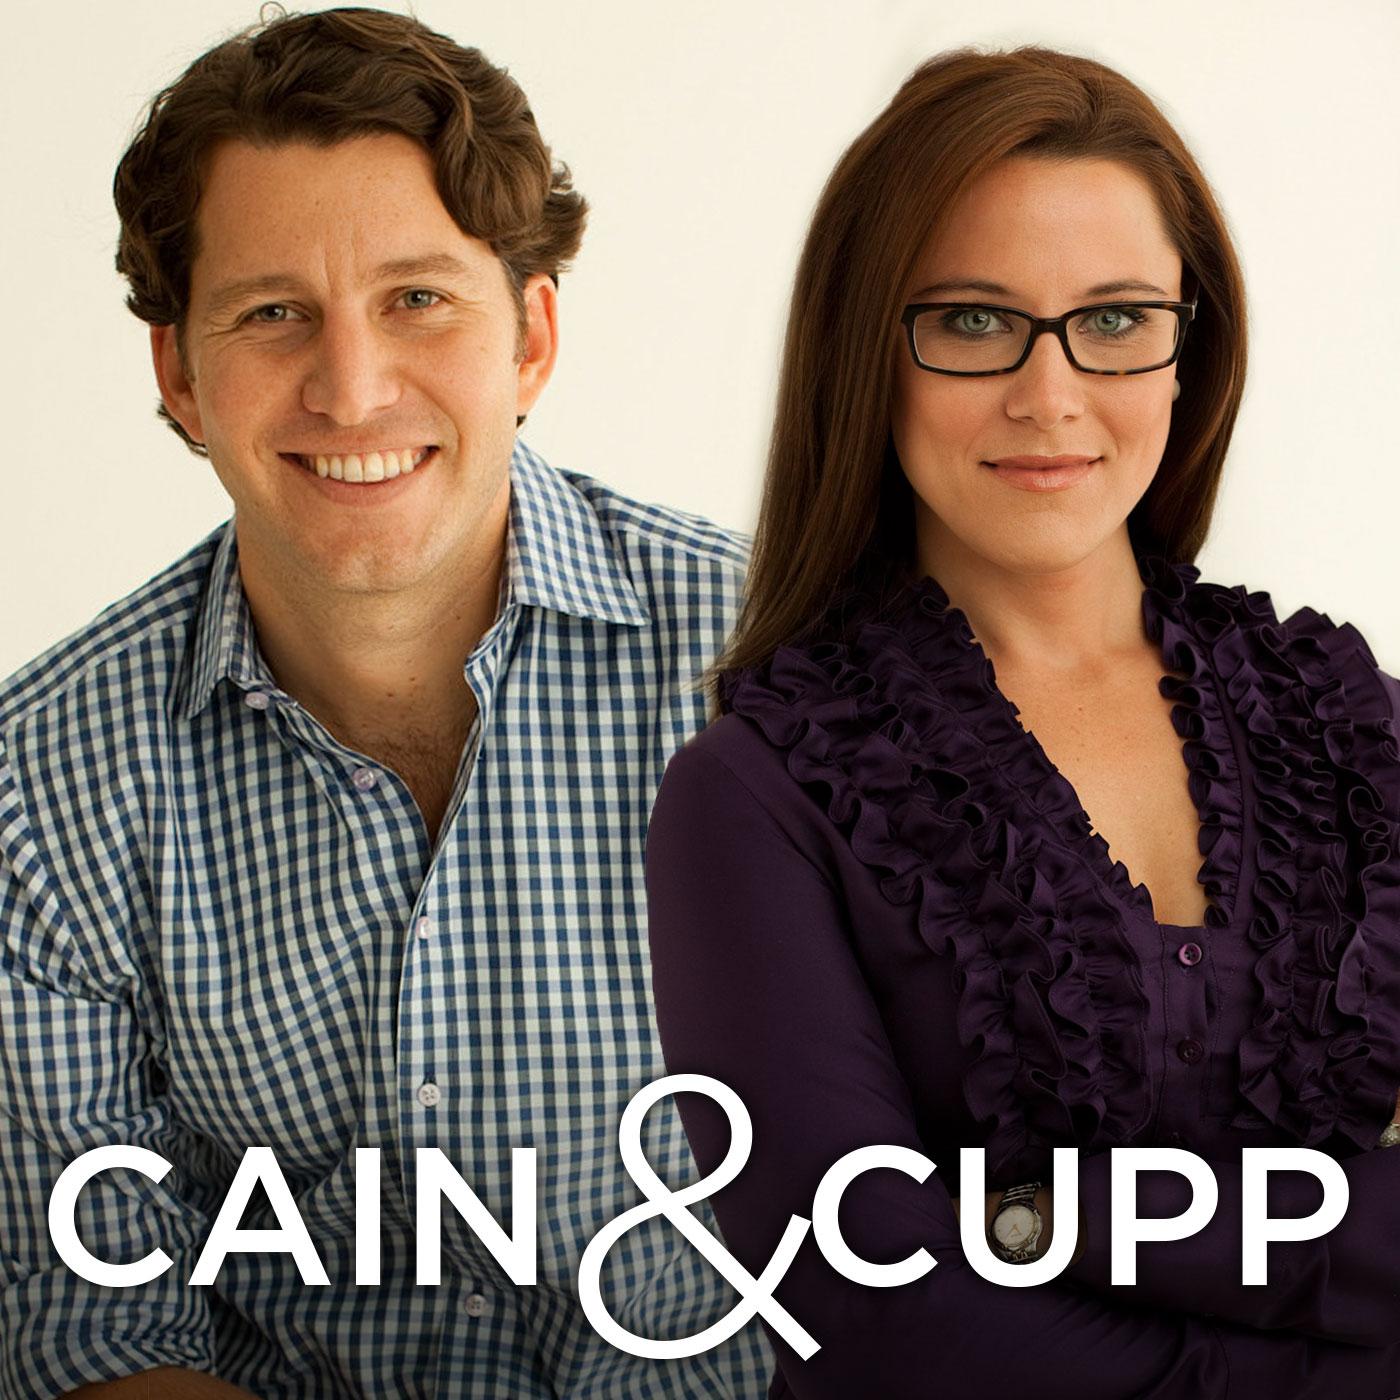 Cain & Cupp